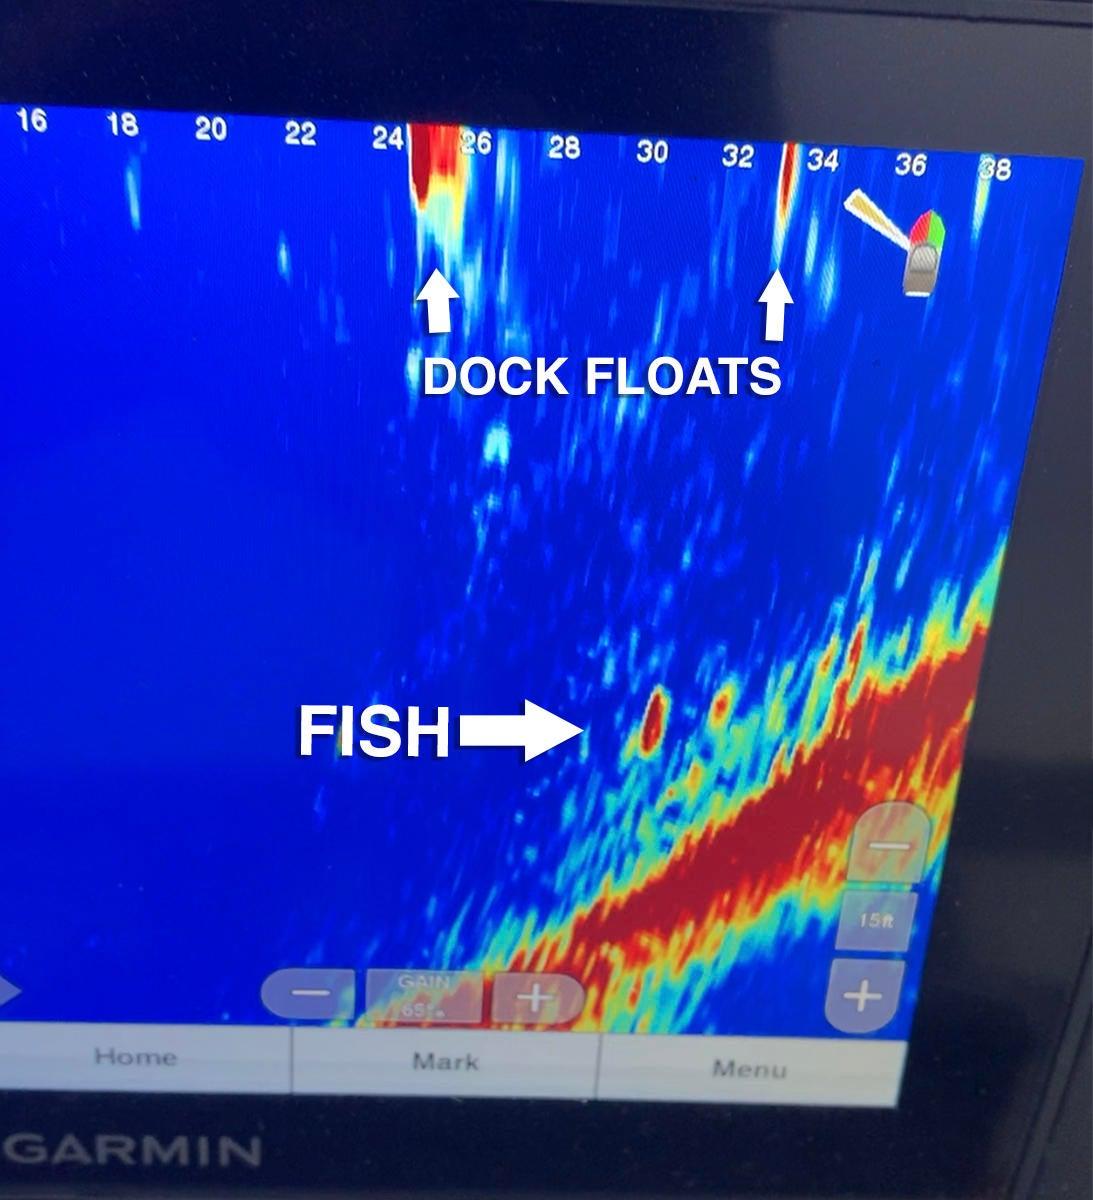 garmin-livescope-fish-under-dock.jpg